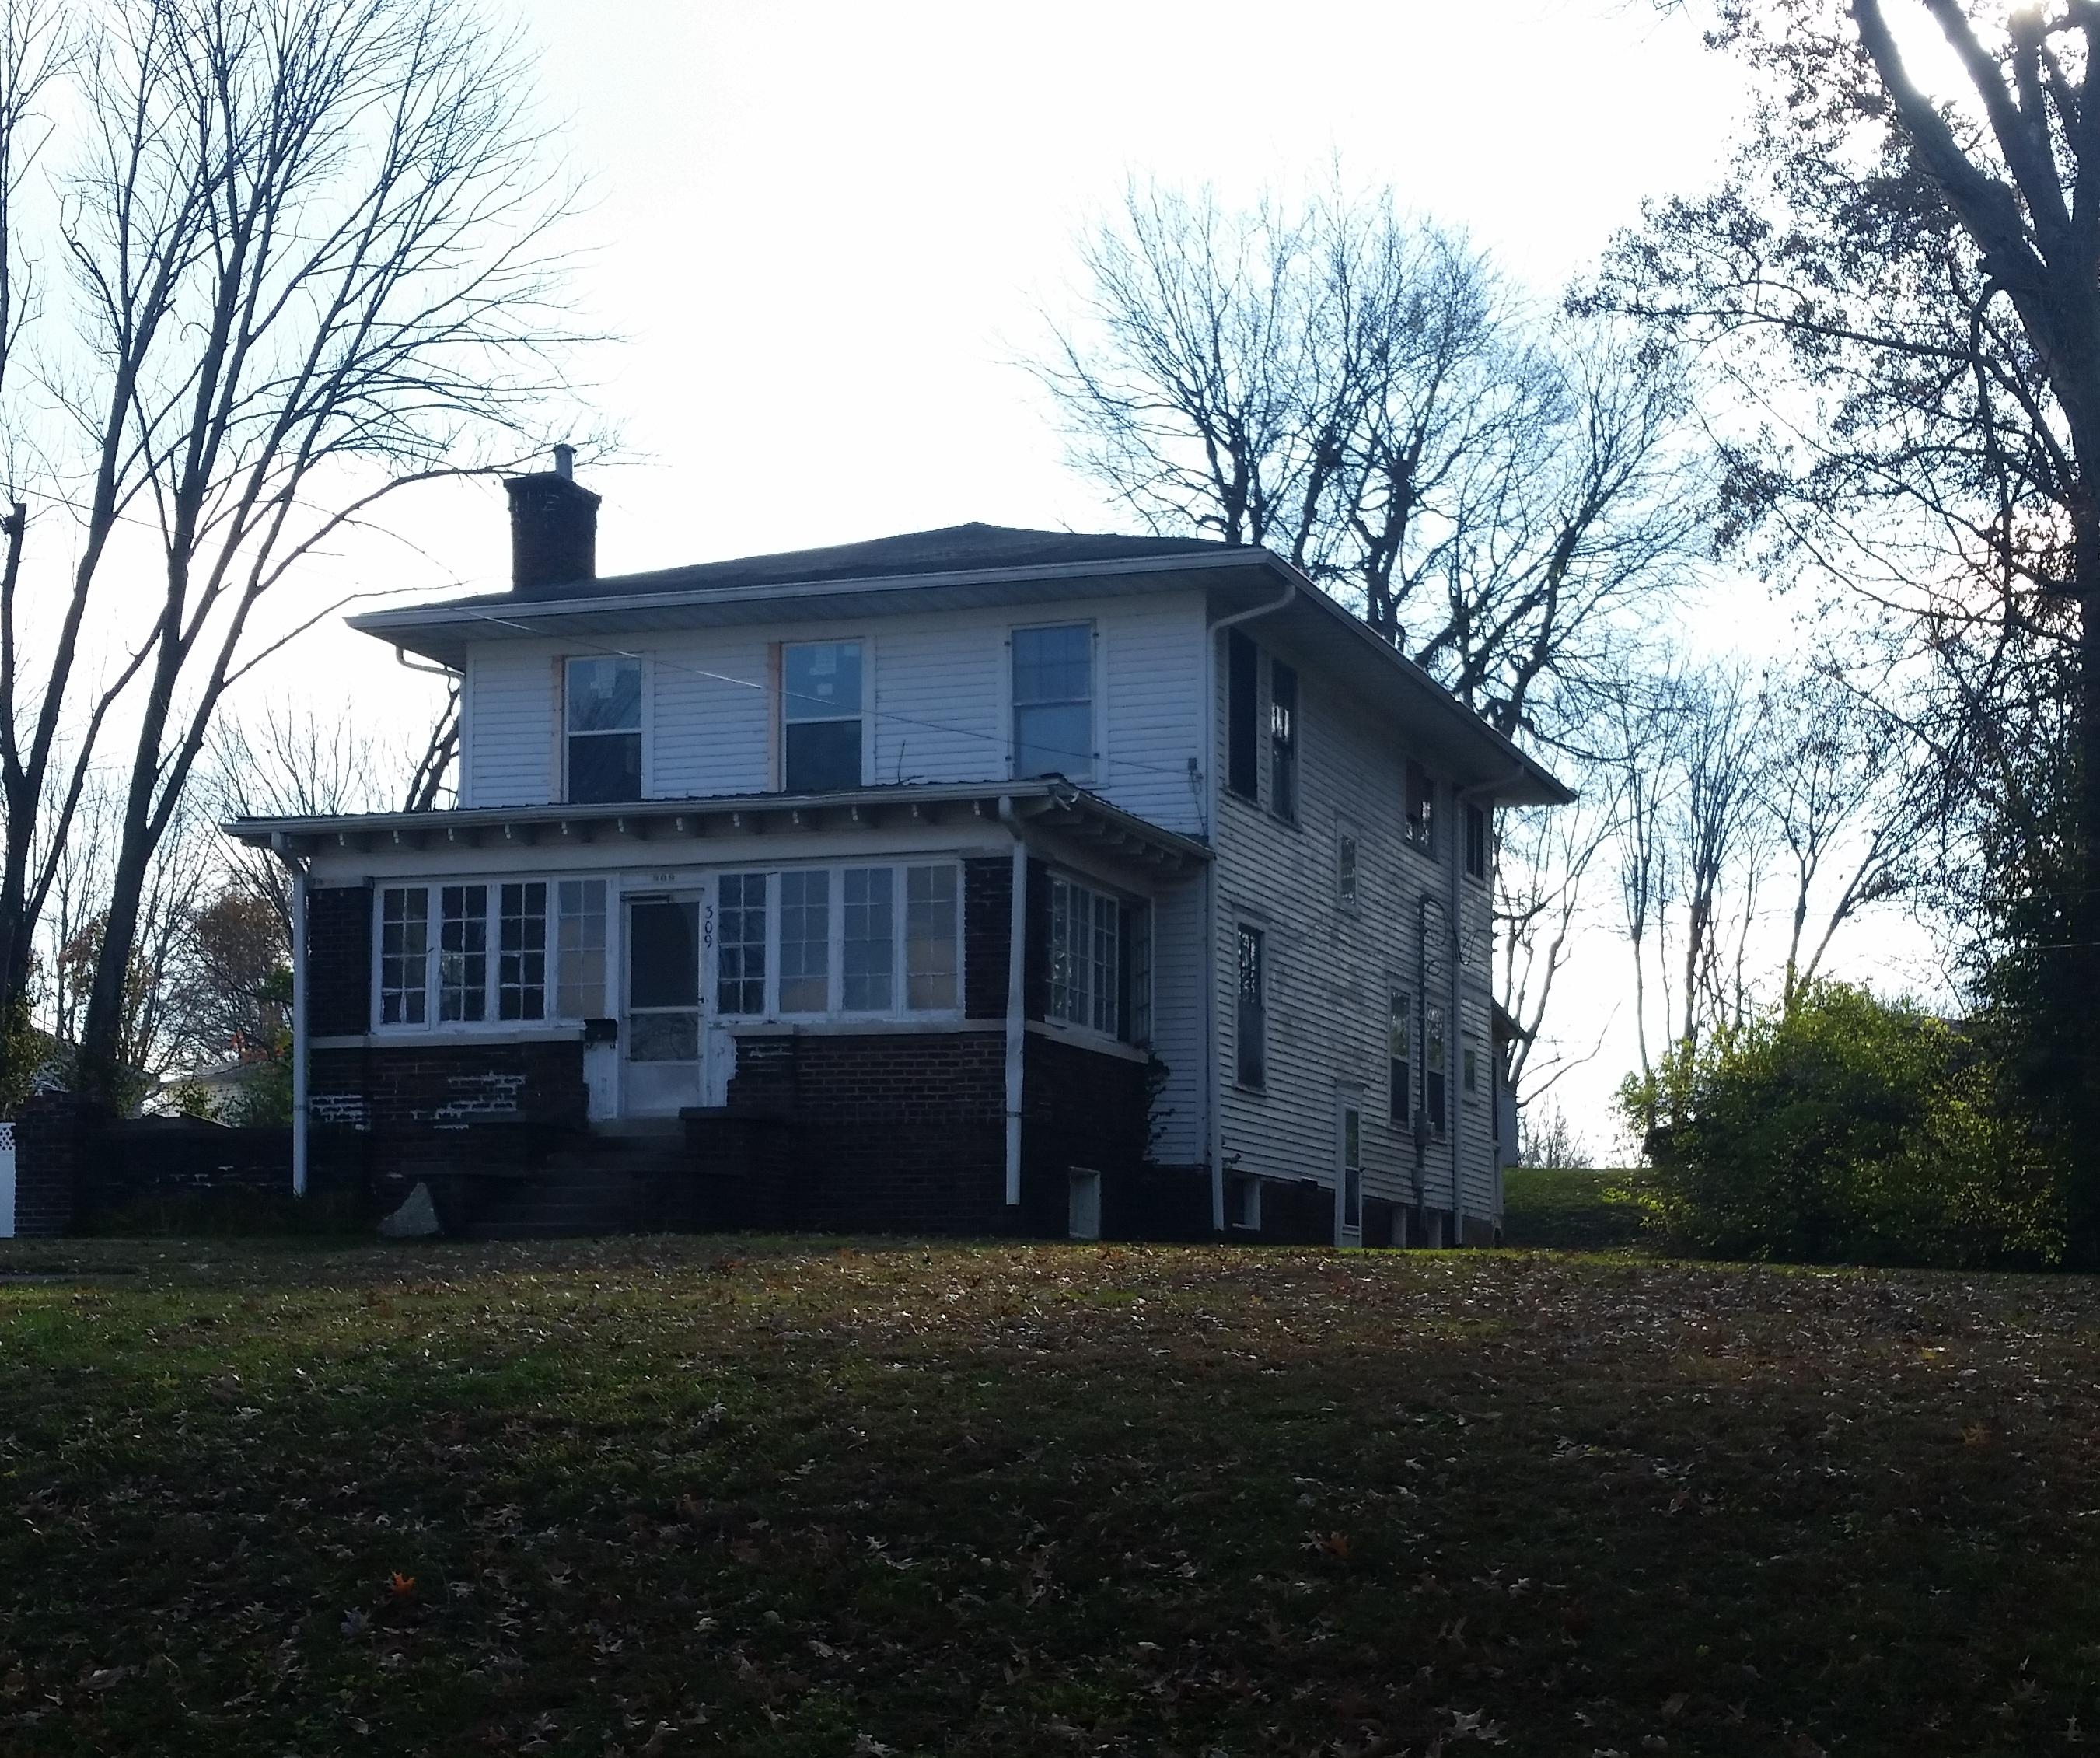 309 E. Washington Street, Loogootee, Indiana 47553